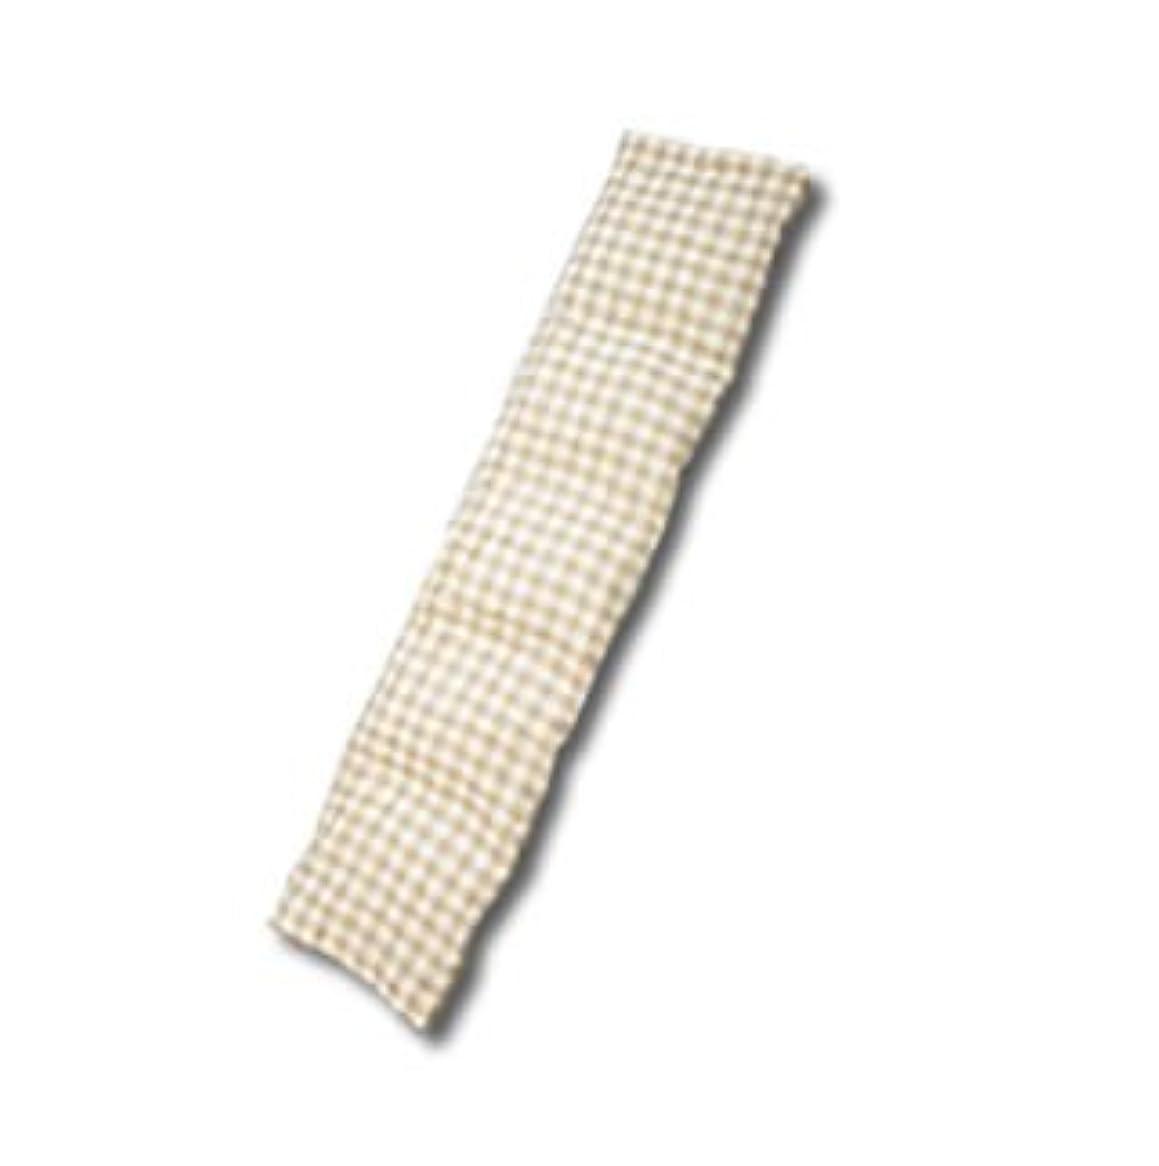 ばか歩き回る温度手作り温熱ハーブパット「よもごこち」 ロング 13cm×57cm